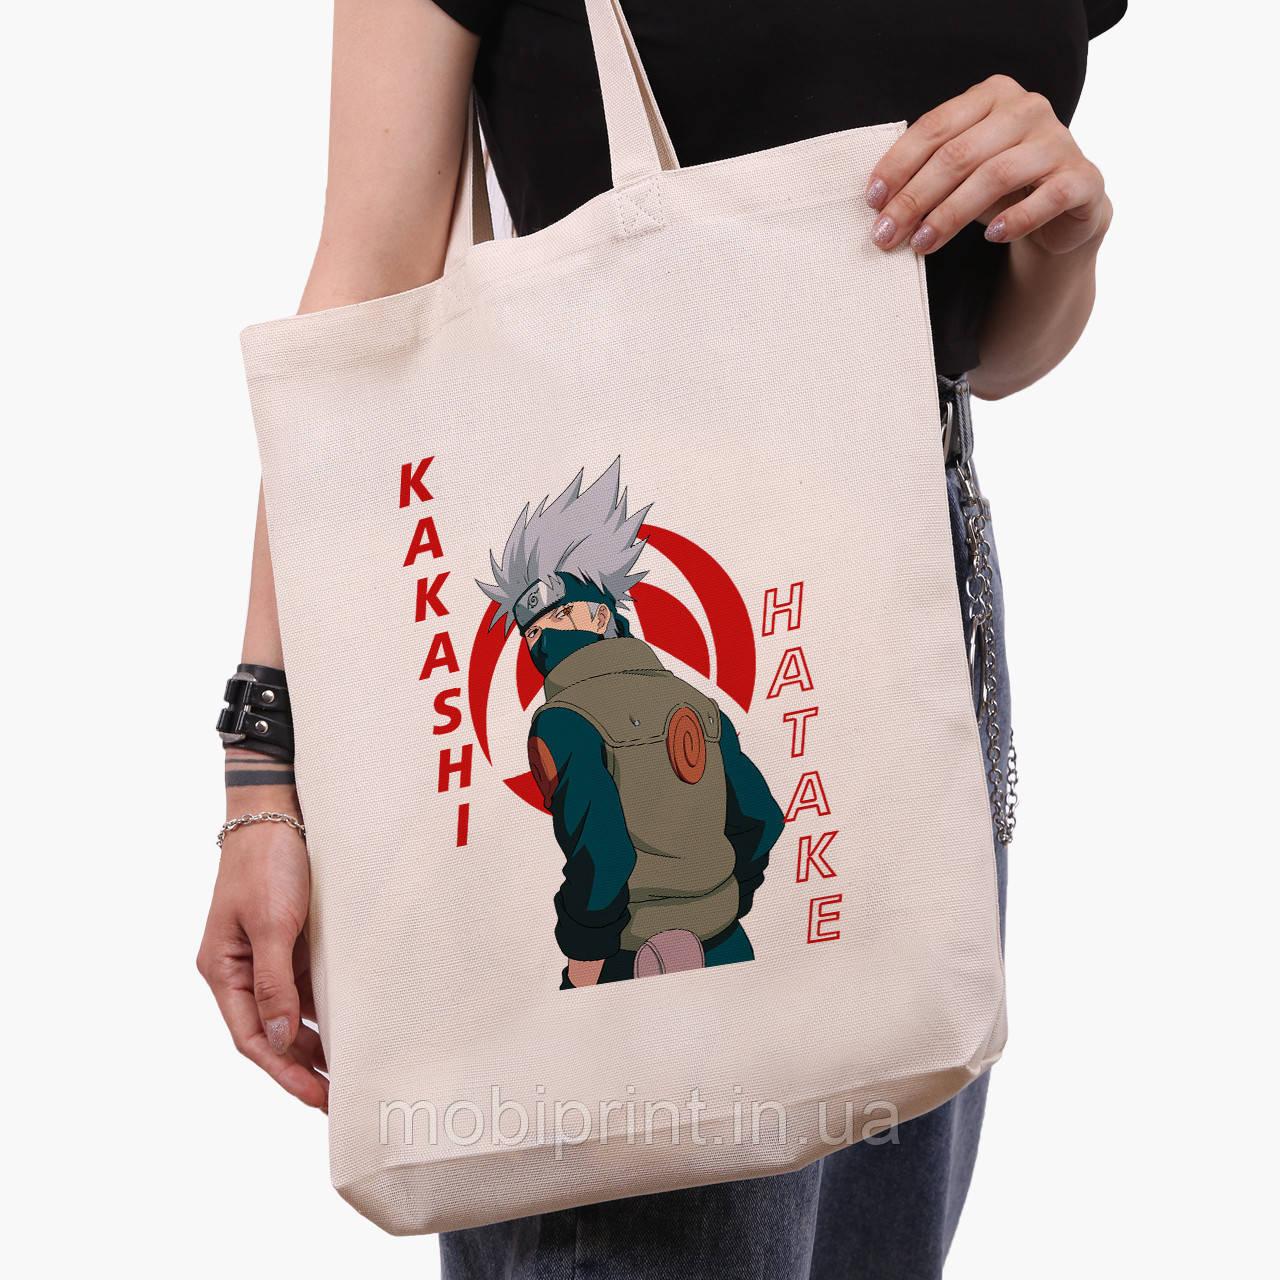 Еко сумка шоппер біла Хатакэ Какаші Наруто (Hatake Kakashi) (9227-2820-1) 41*39*8 см